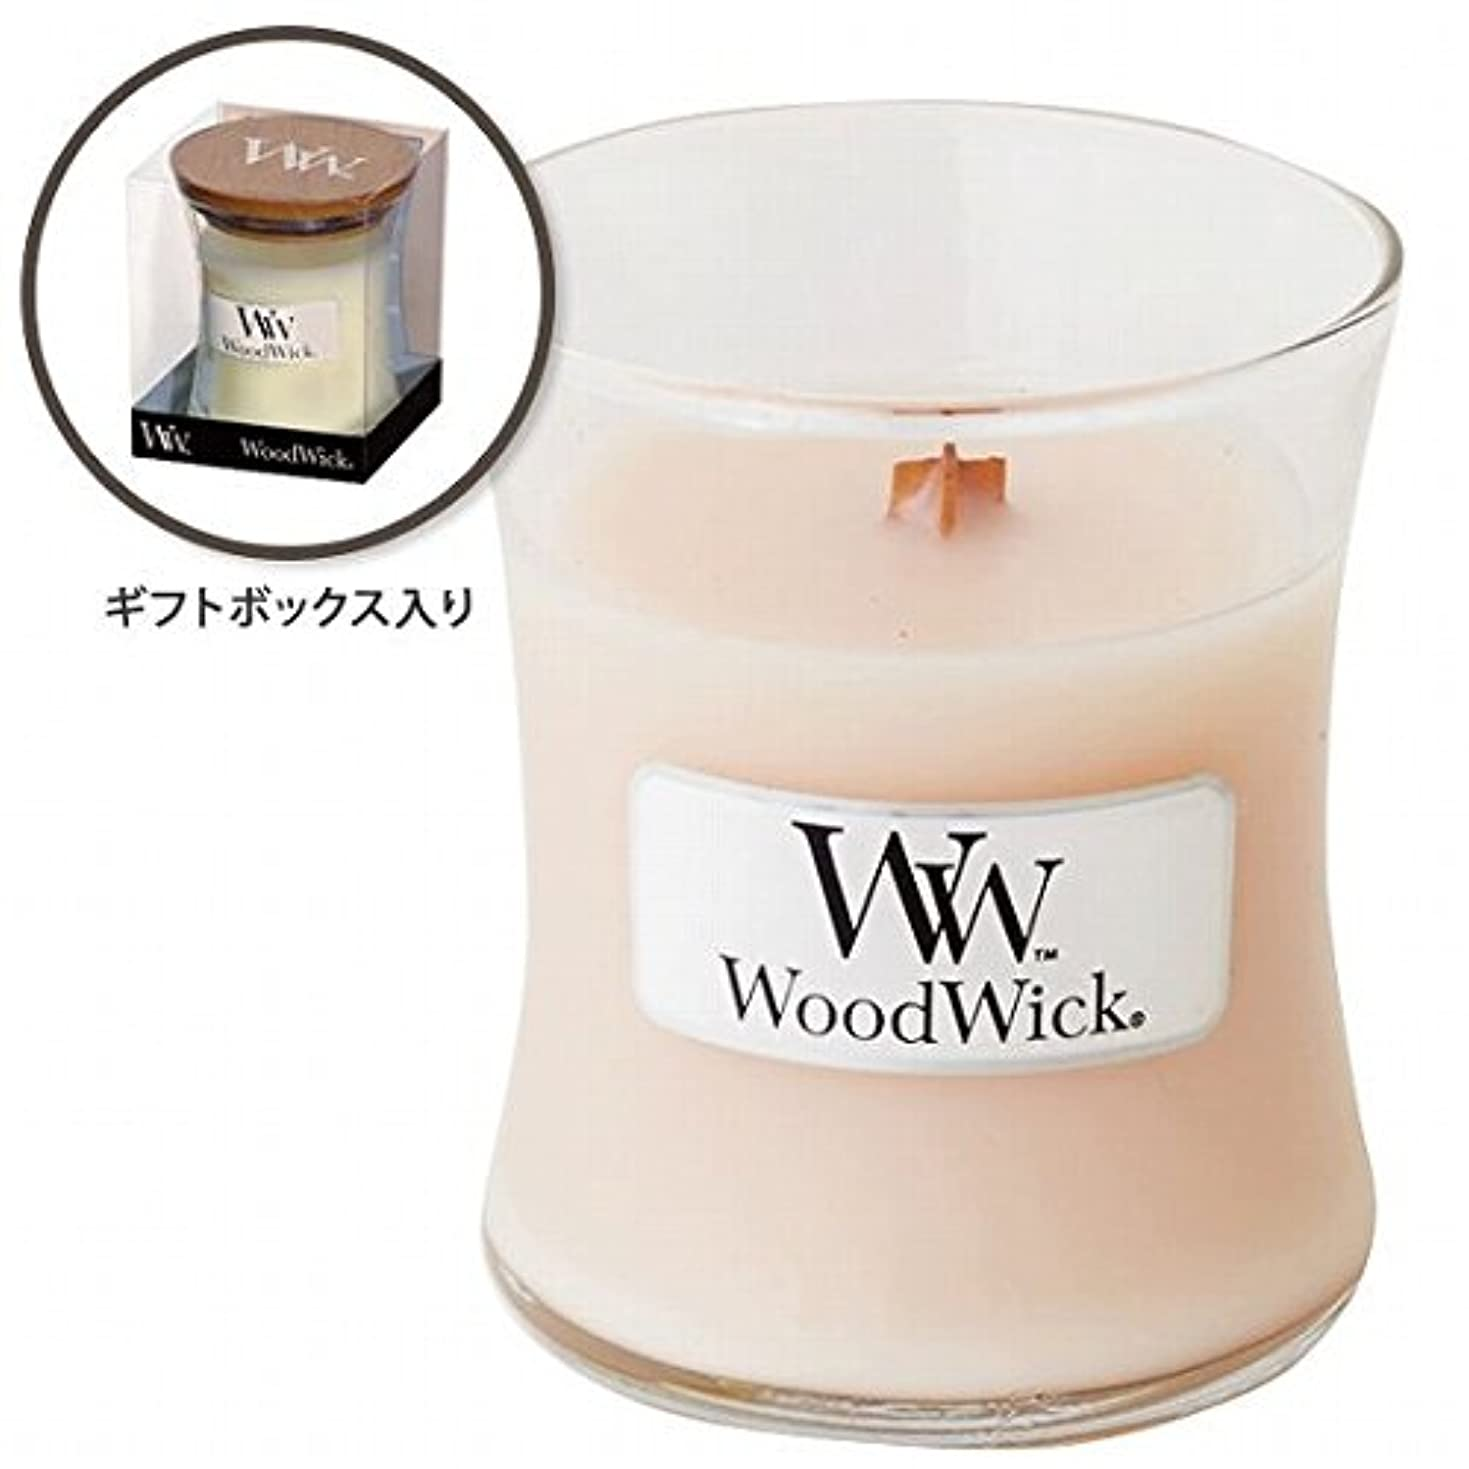 牛落ち着いた受け入れるウッドウィック( WoodWick ) Wood WickジャーS 「コースタルサンセット」